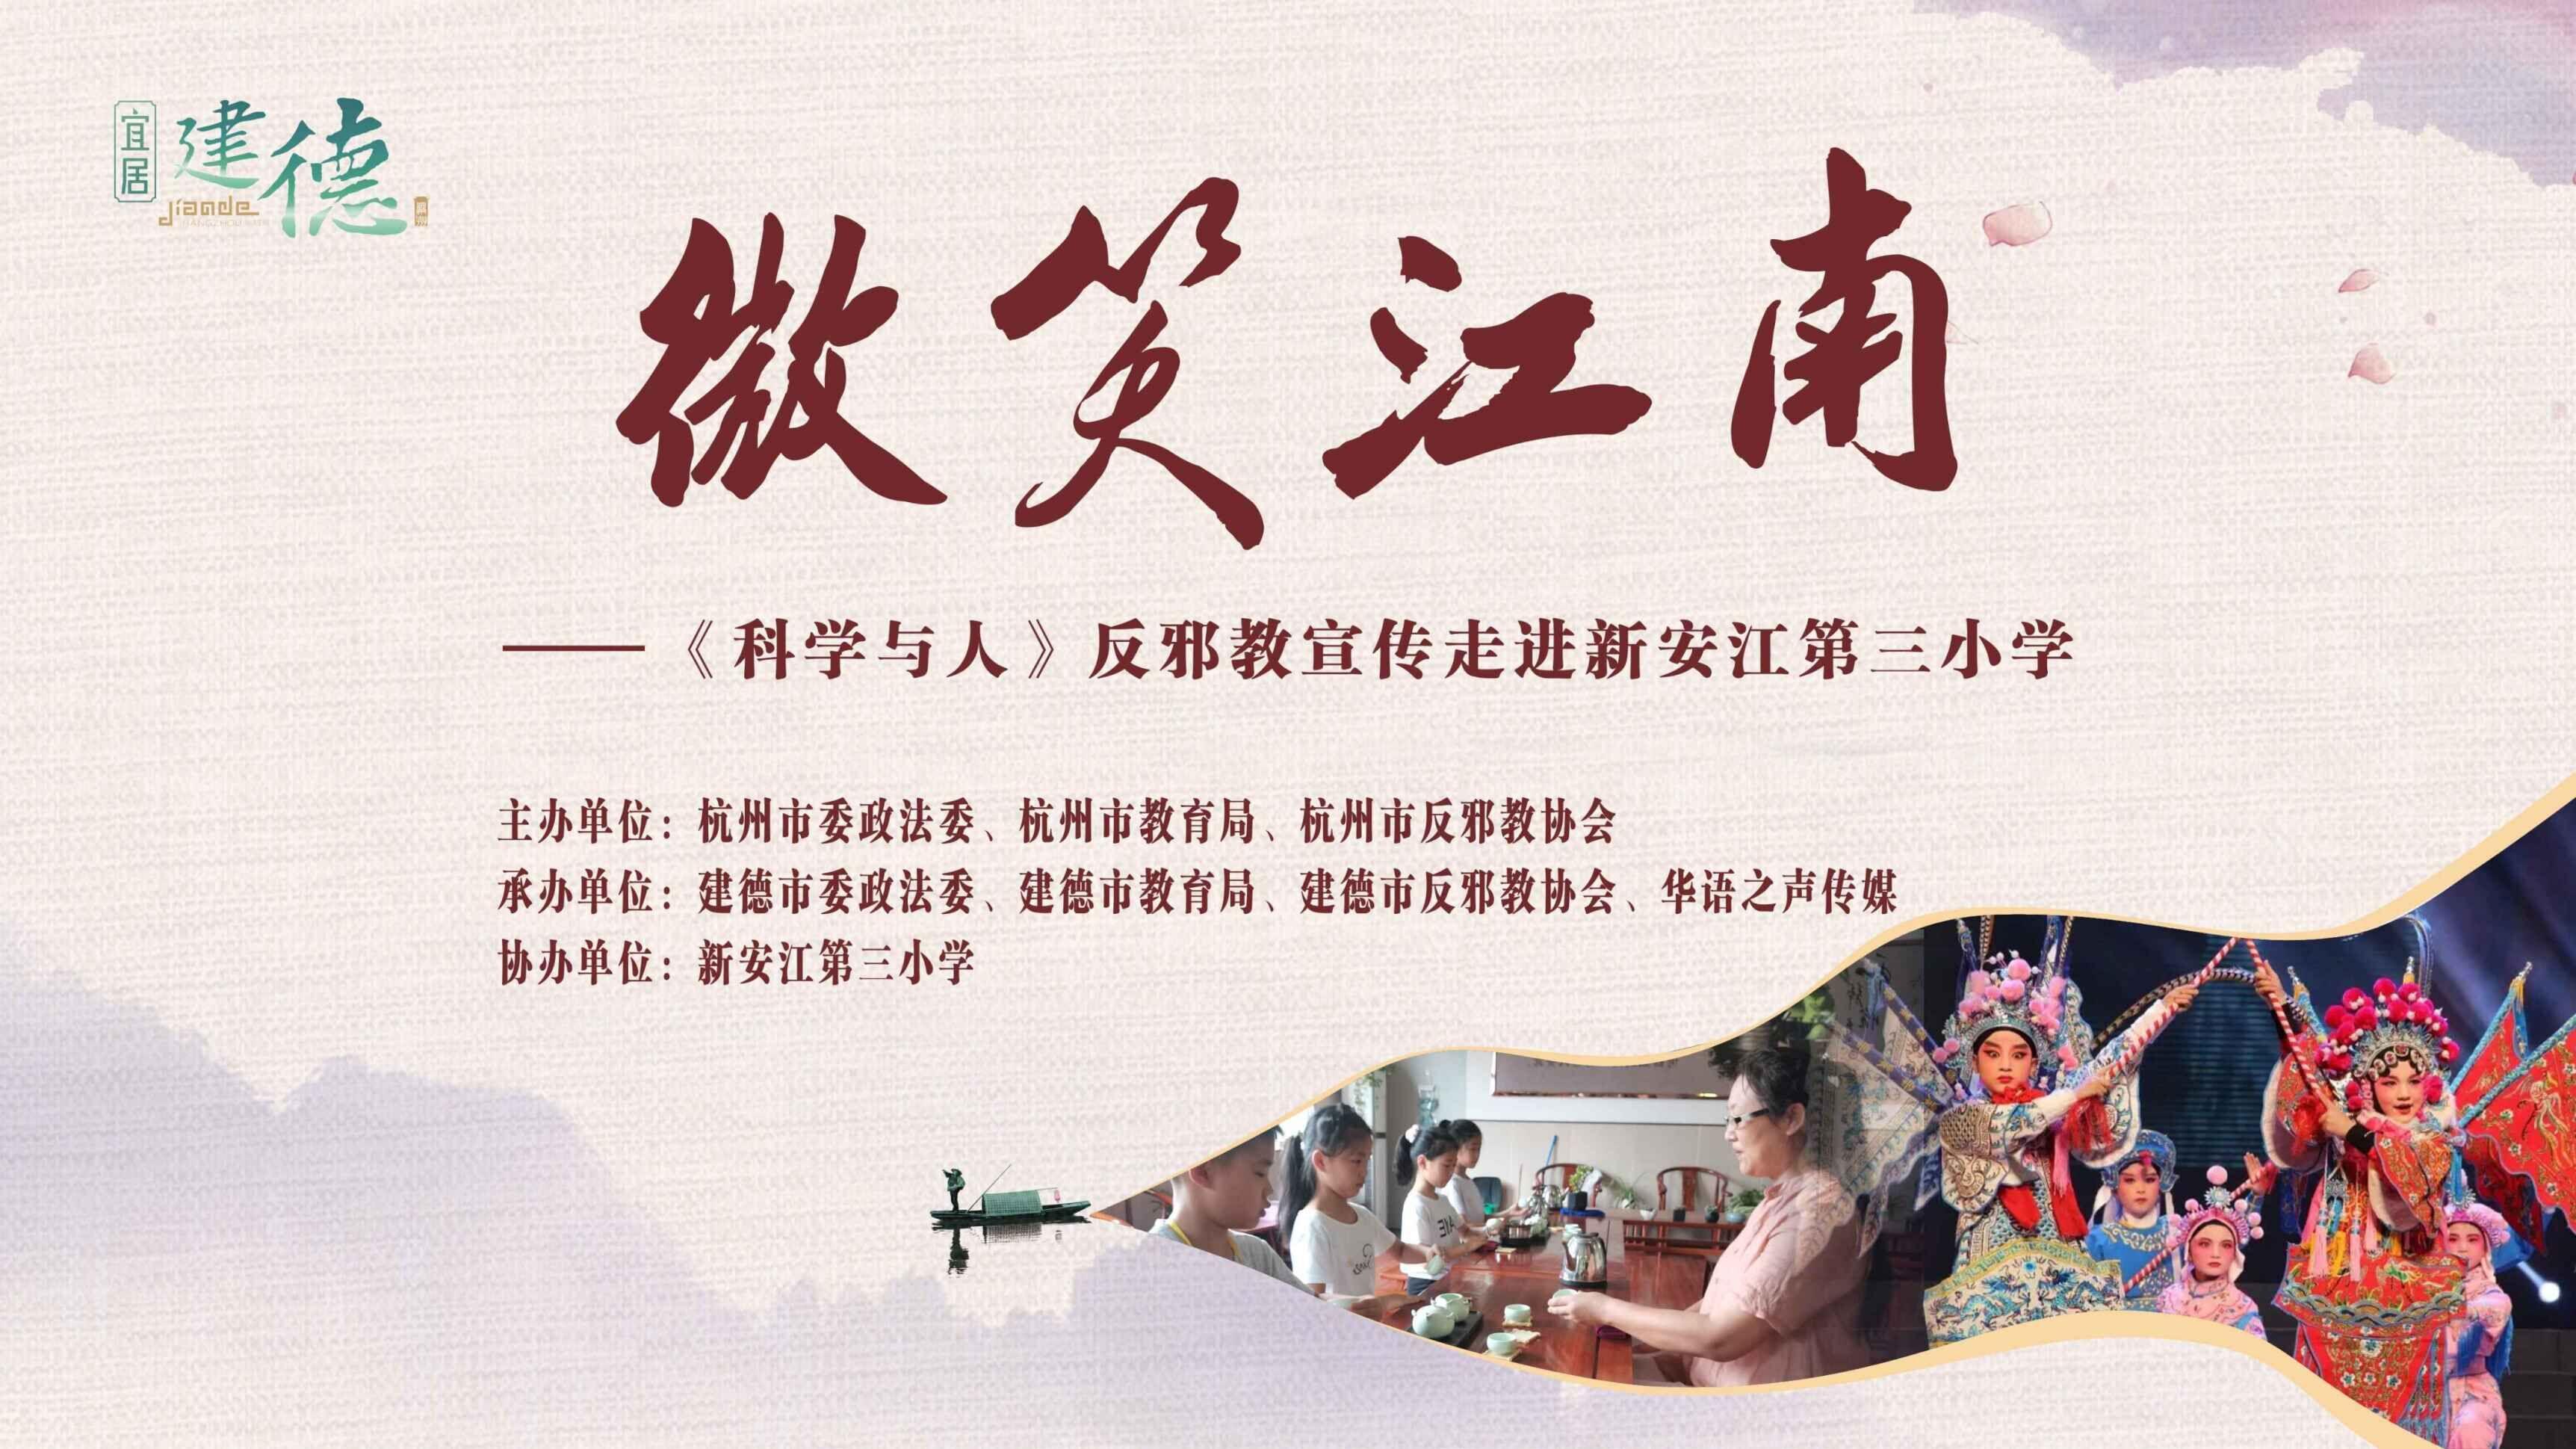 """""""微笑江南""""—《科学与人》反邪教宣传走进新安江第三小学"""